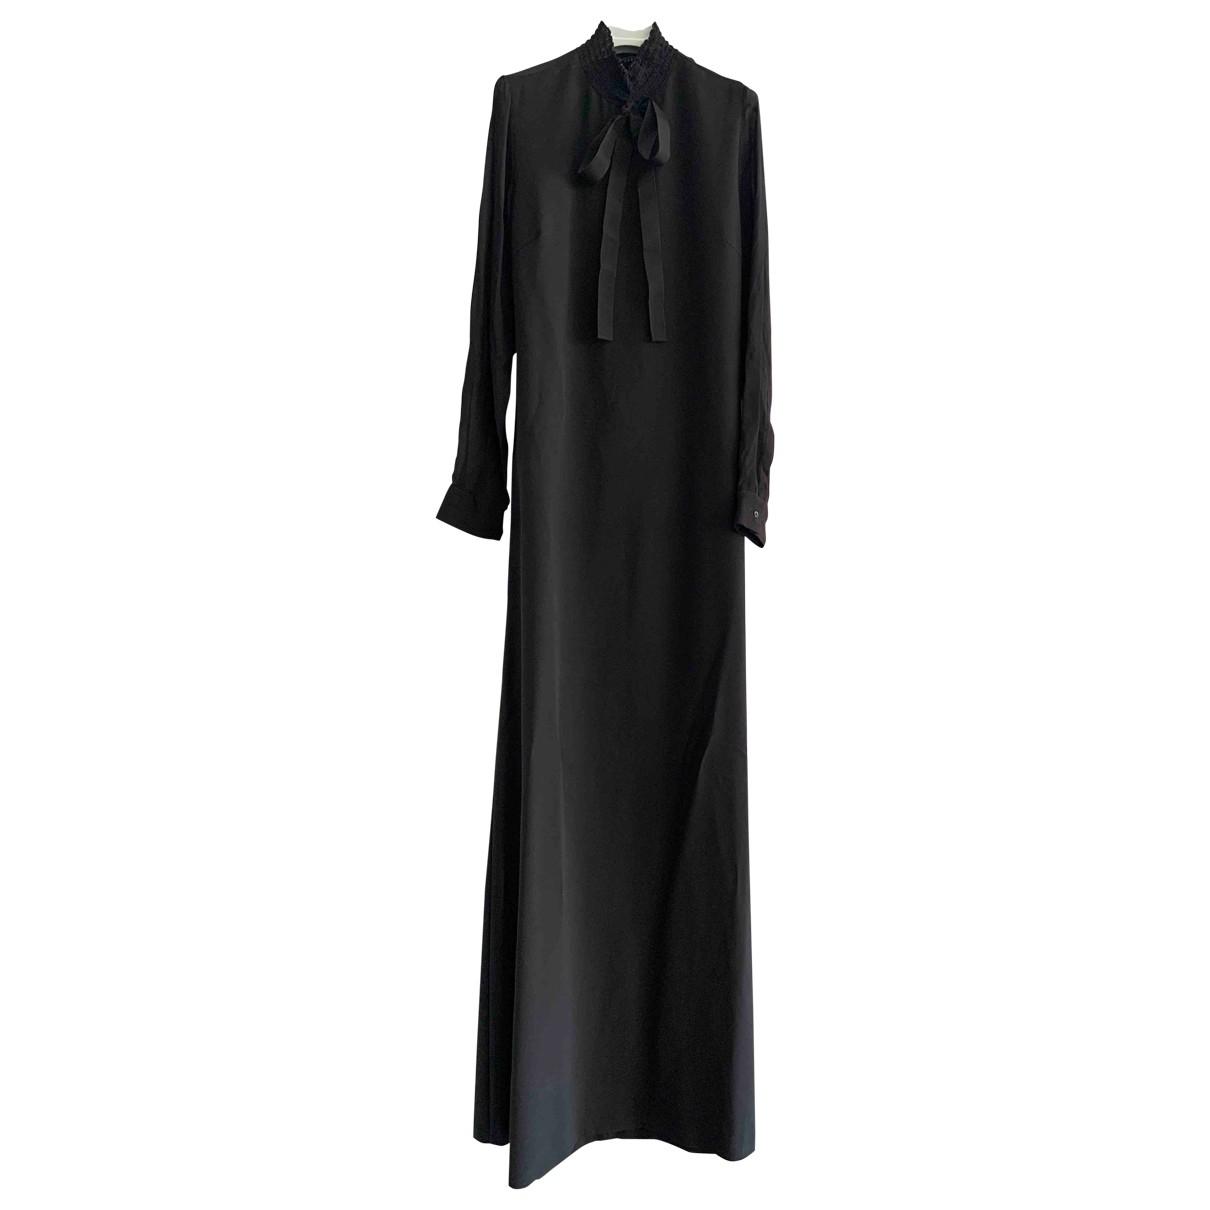 Iceberg \N Black dress for Women 40 IT